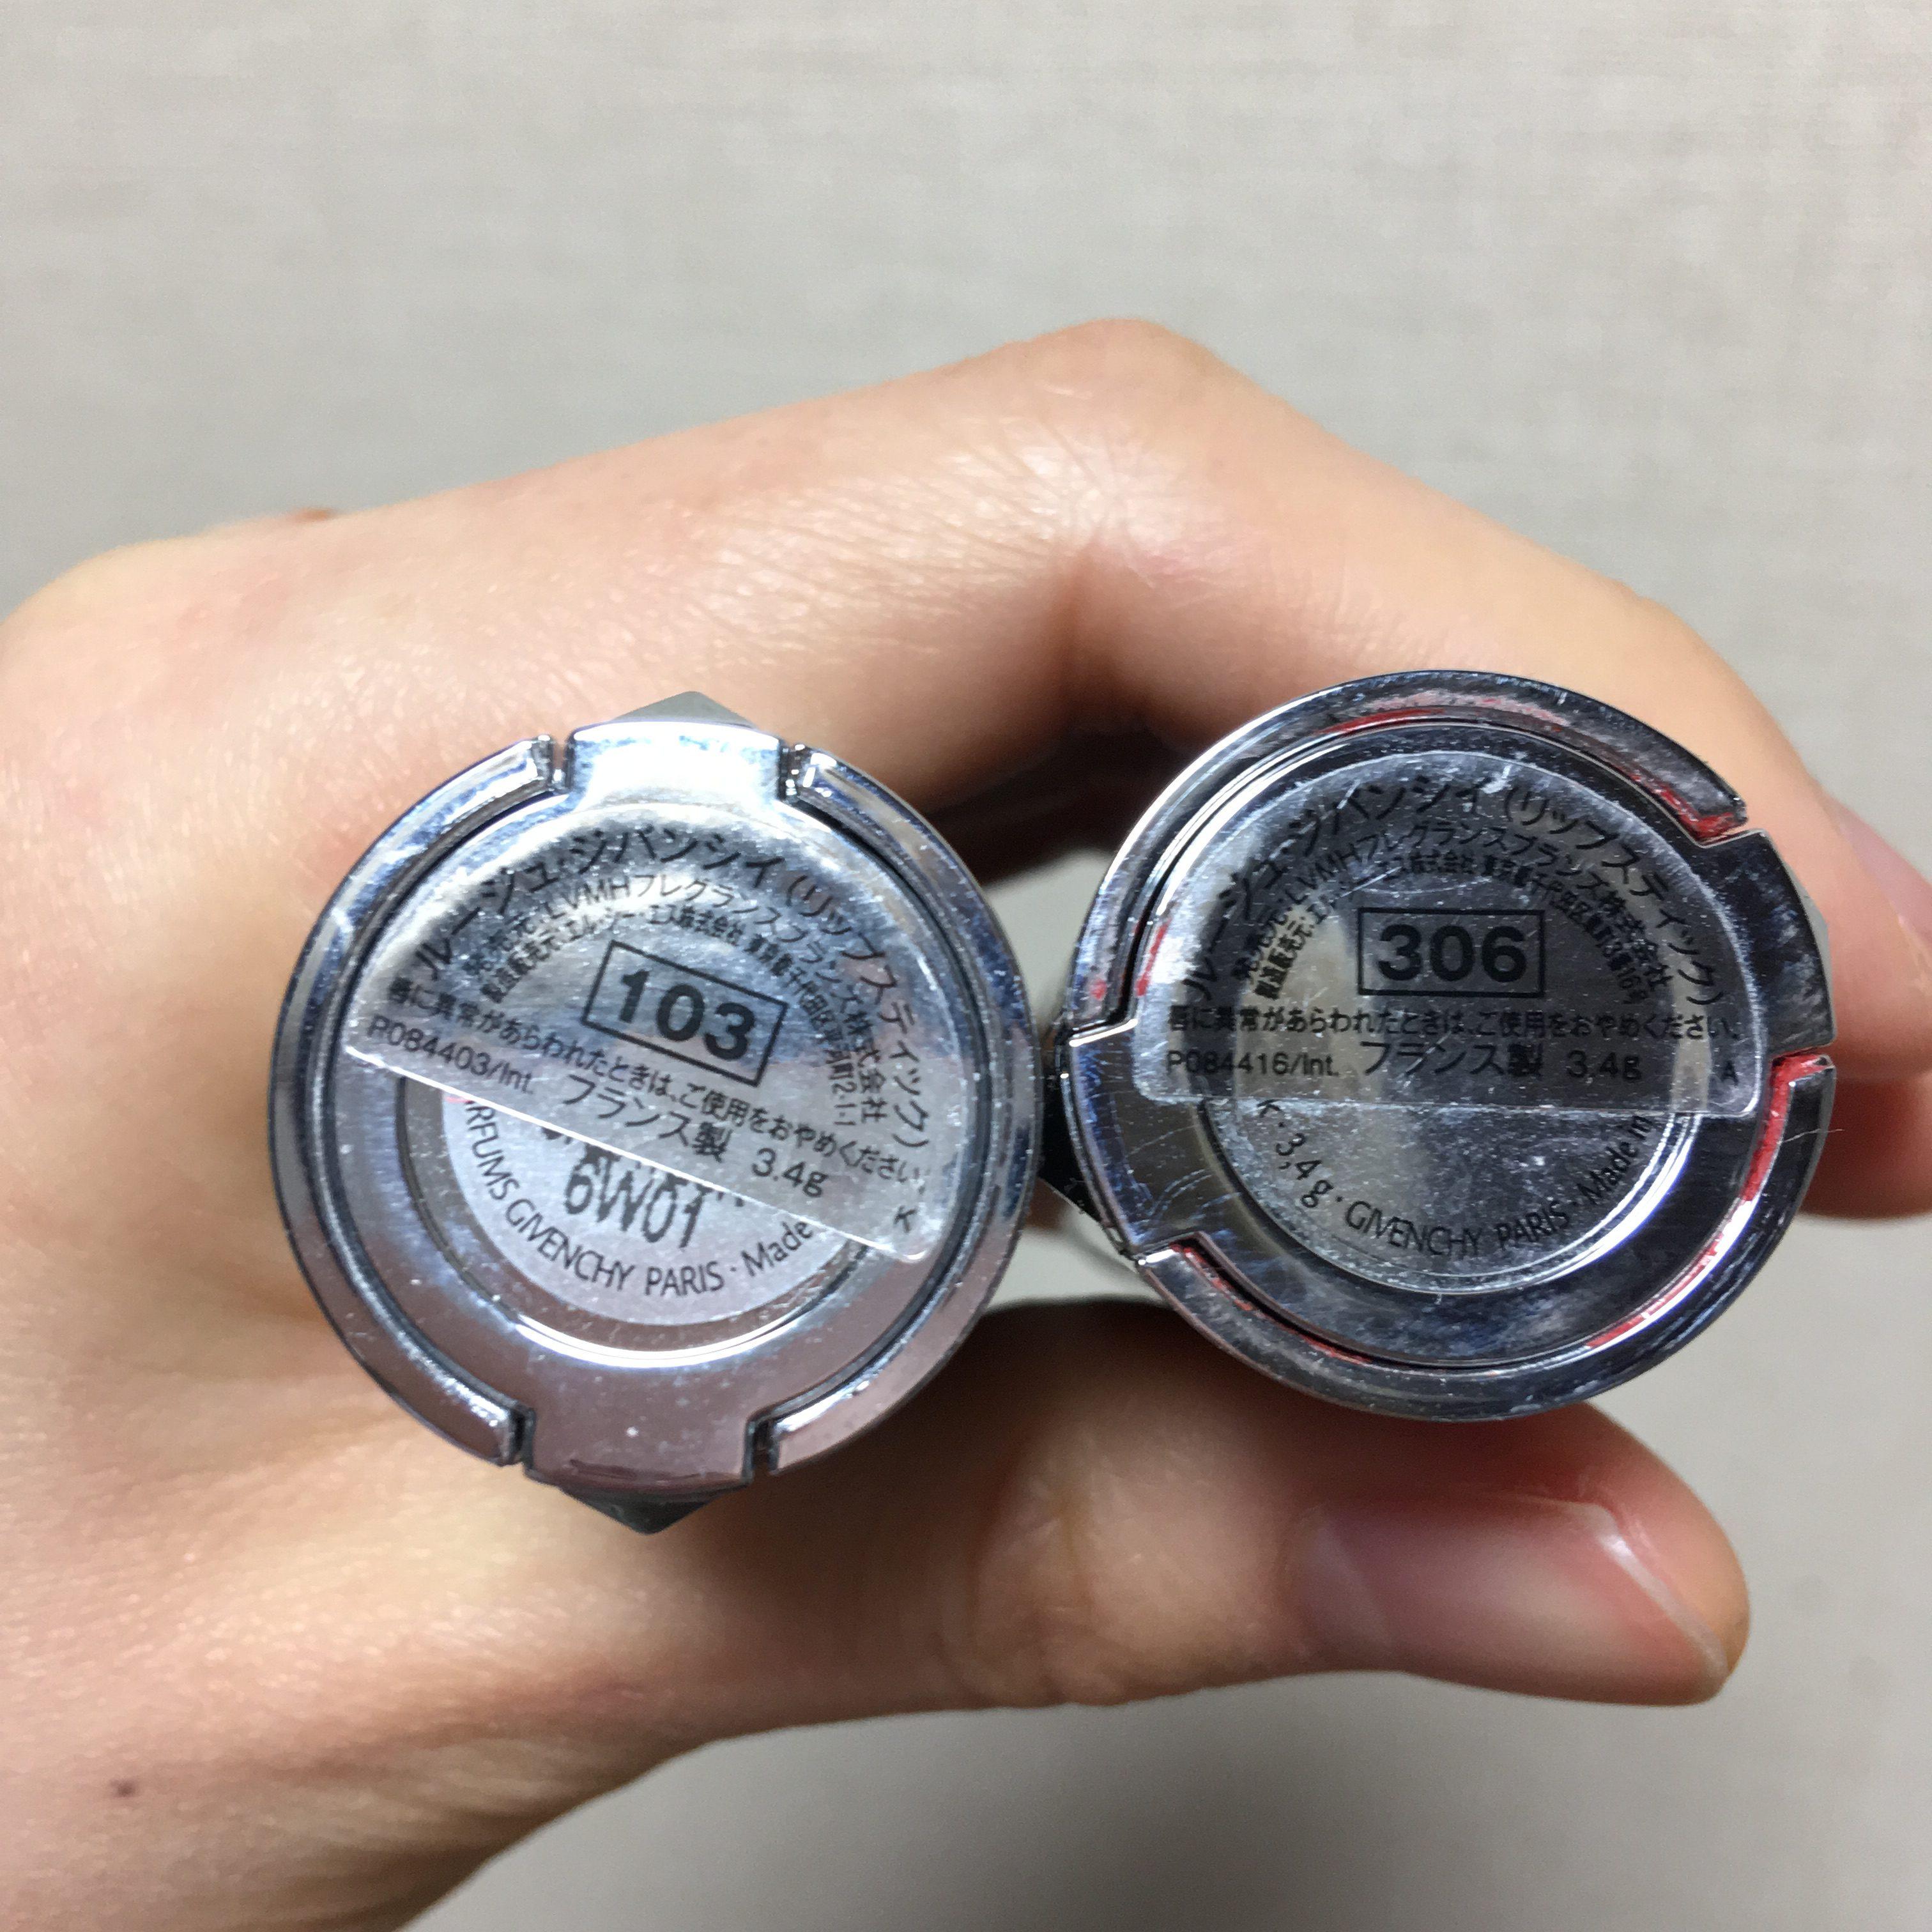 ジバンシー ジバンシィ ジバンシイ GIVENCHY 口紅 消費期限 製造年月 製造番号